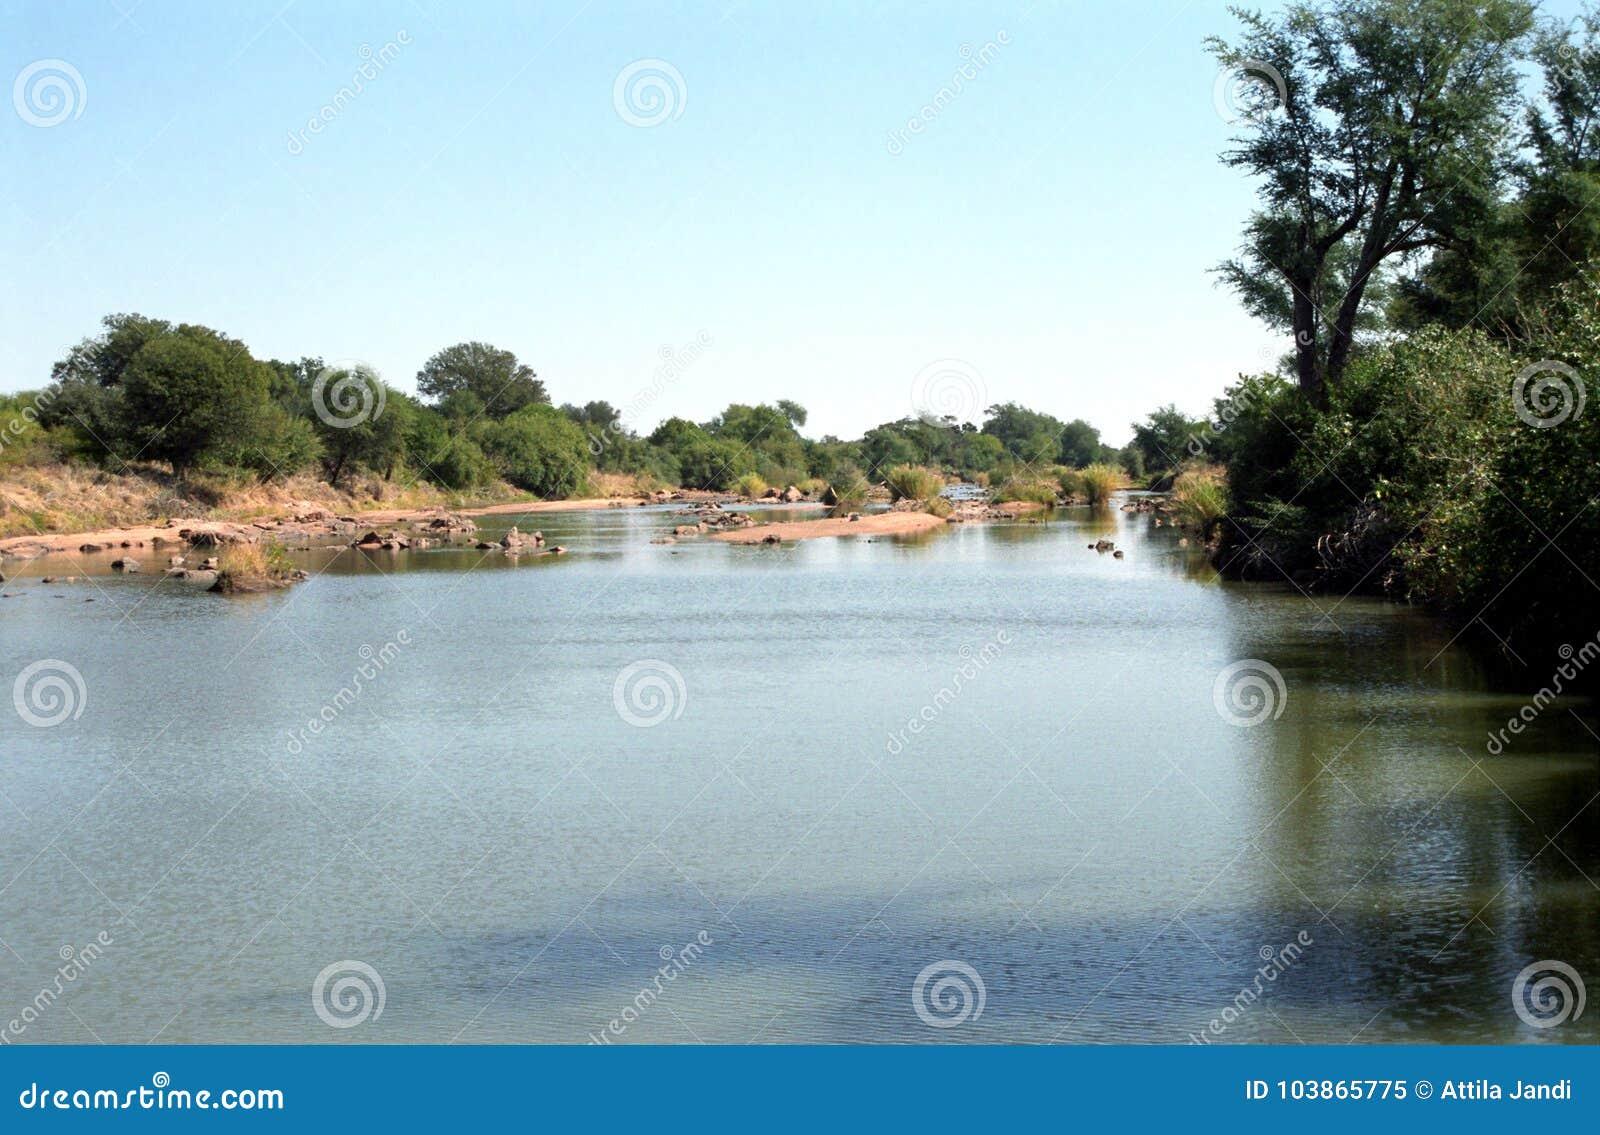 河林波波河,桑给巴尔,川斯瓦共和国